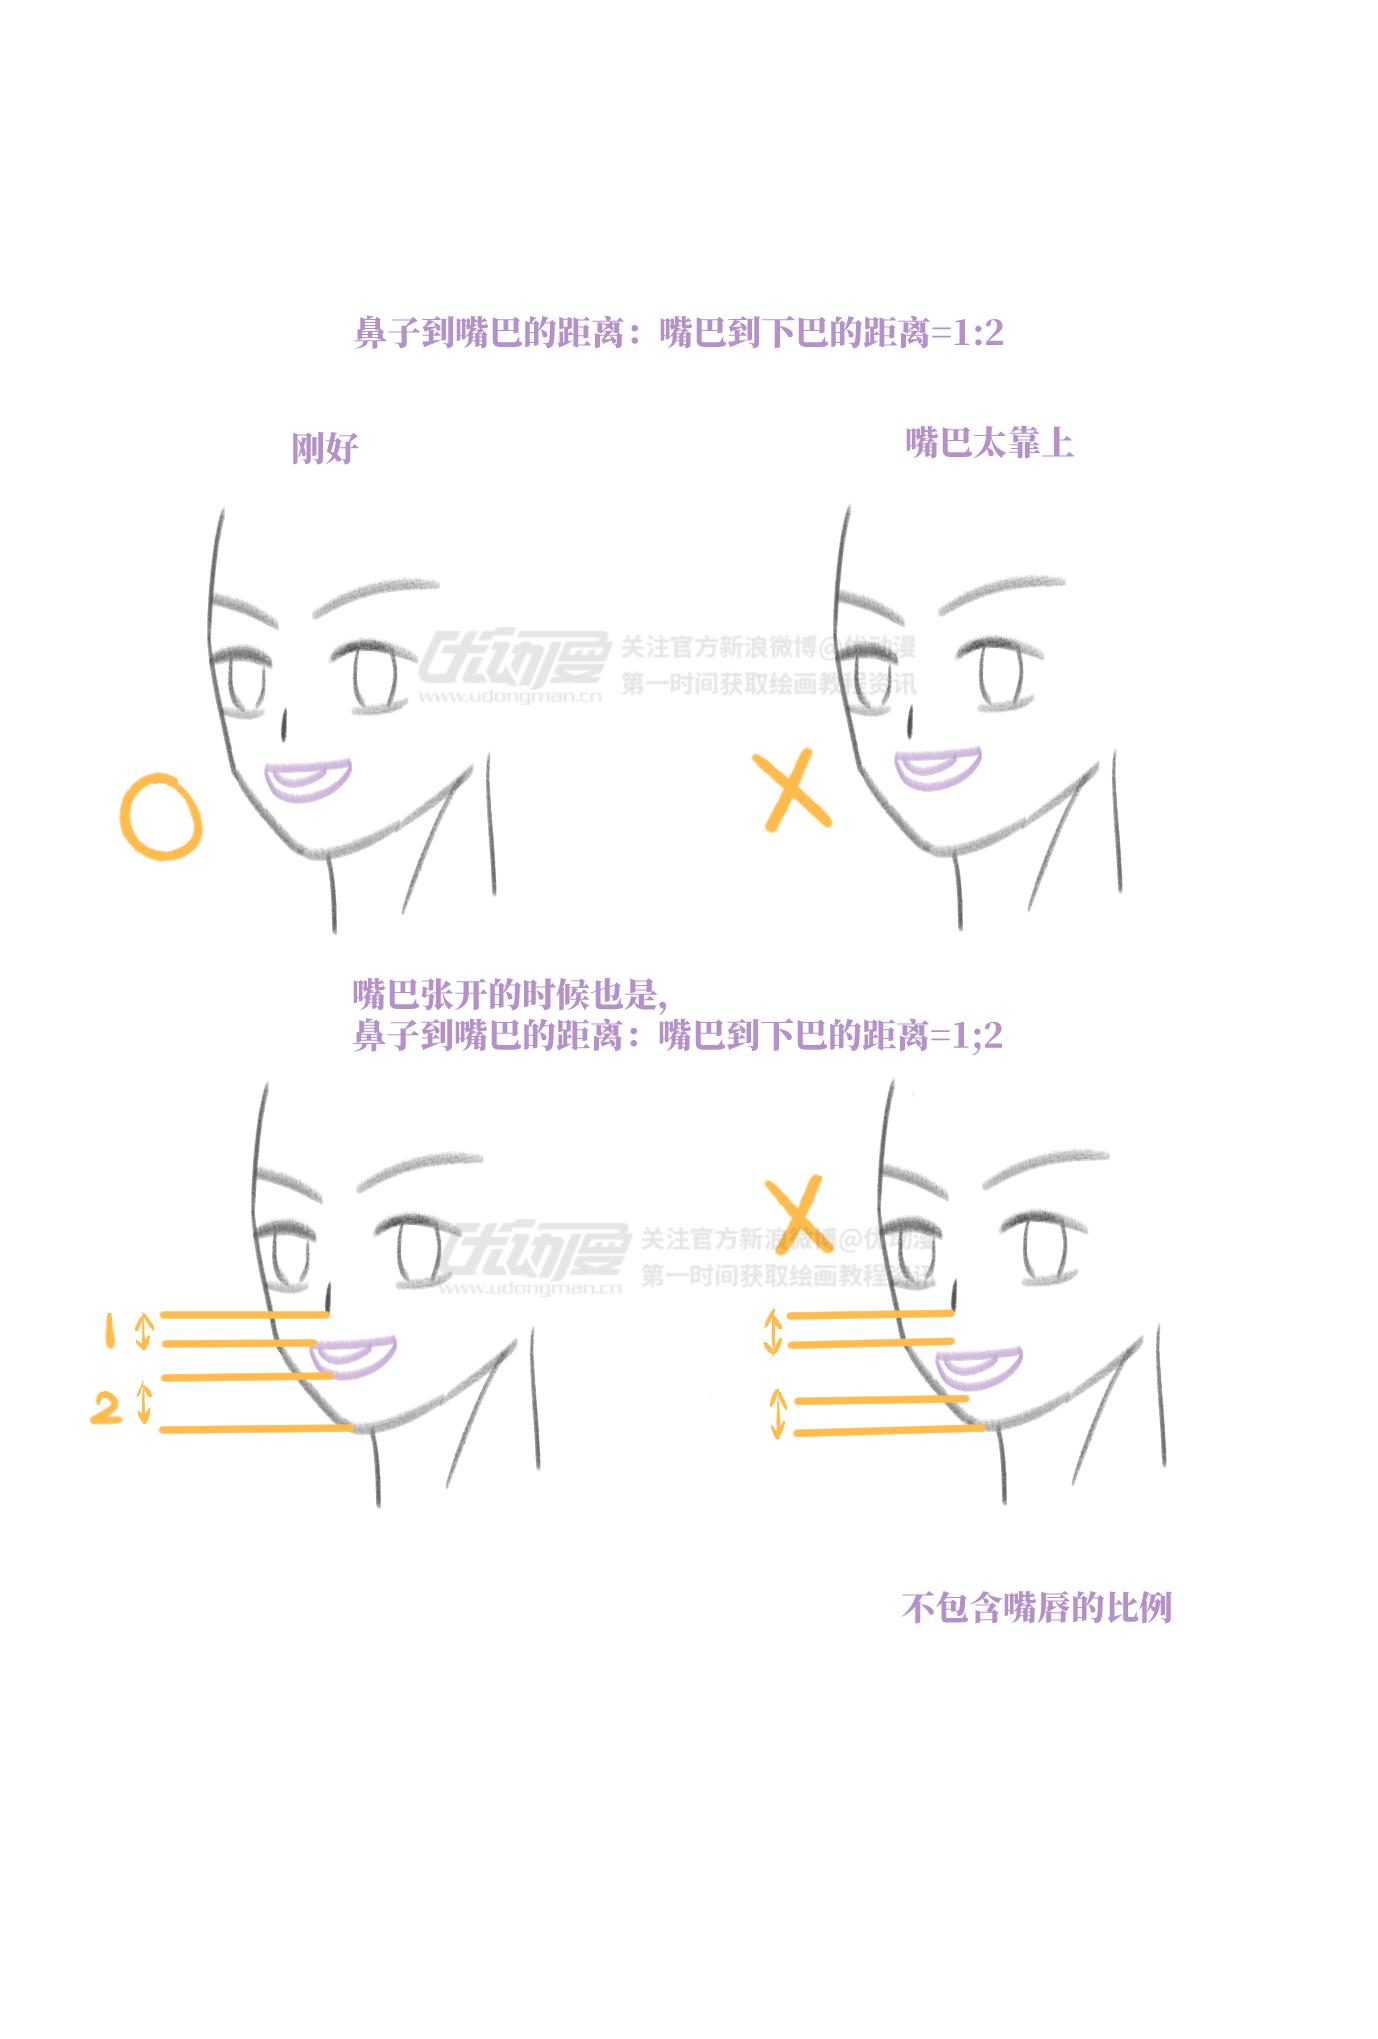 嘴部画法参考3.png